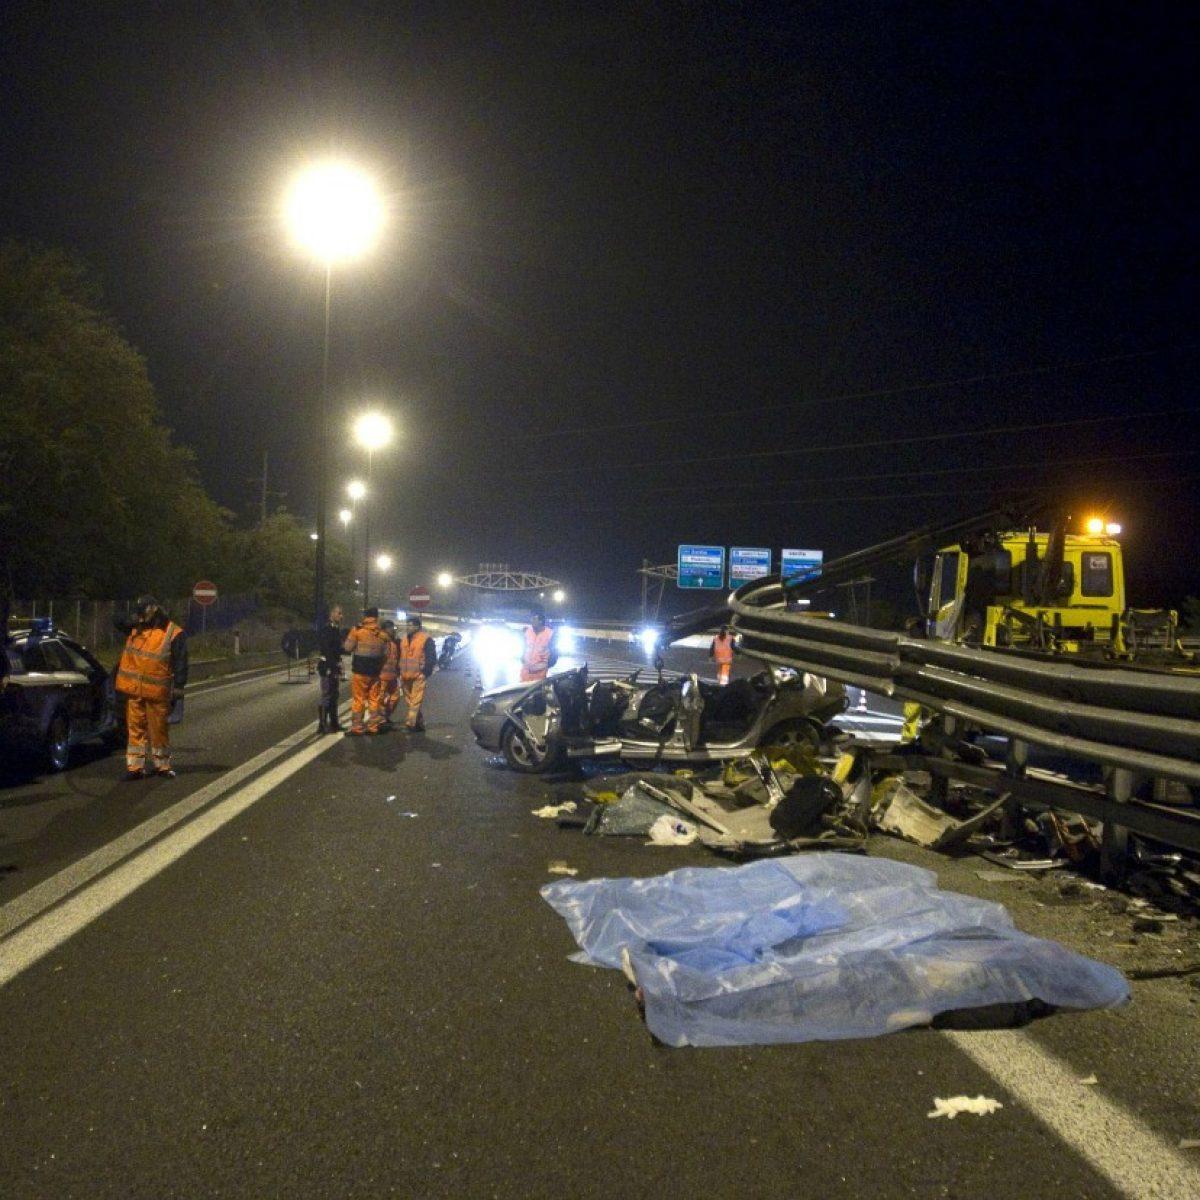 Uno schianto violentissimo: morti un uomo e una donna di 31